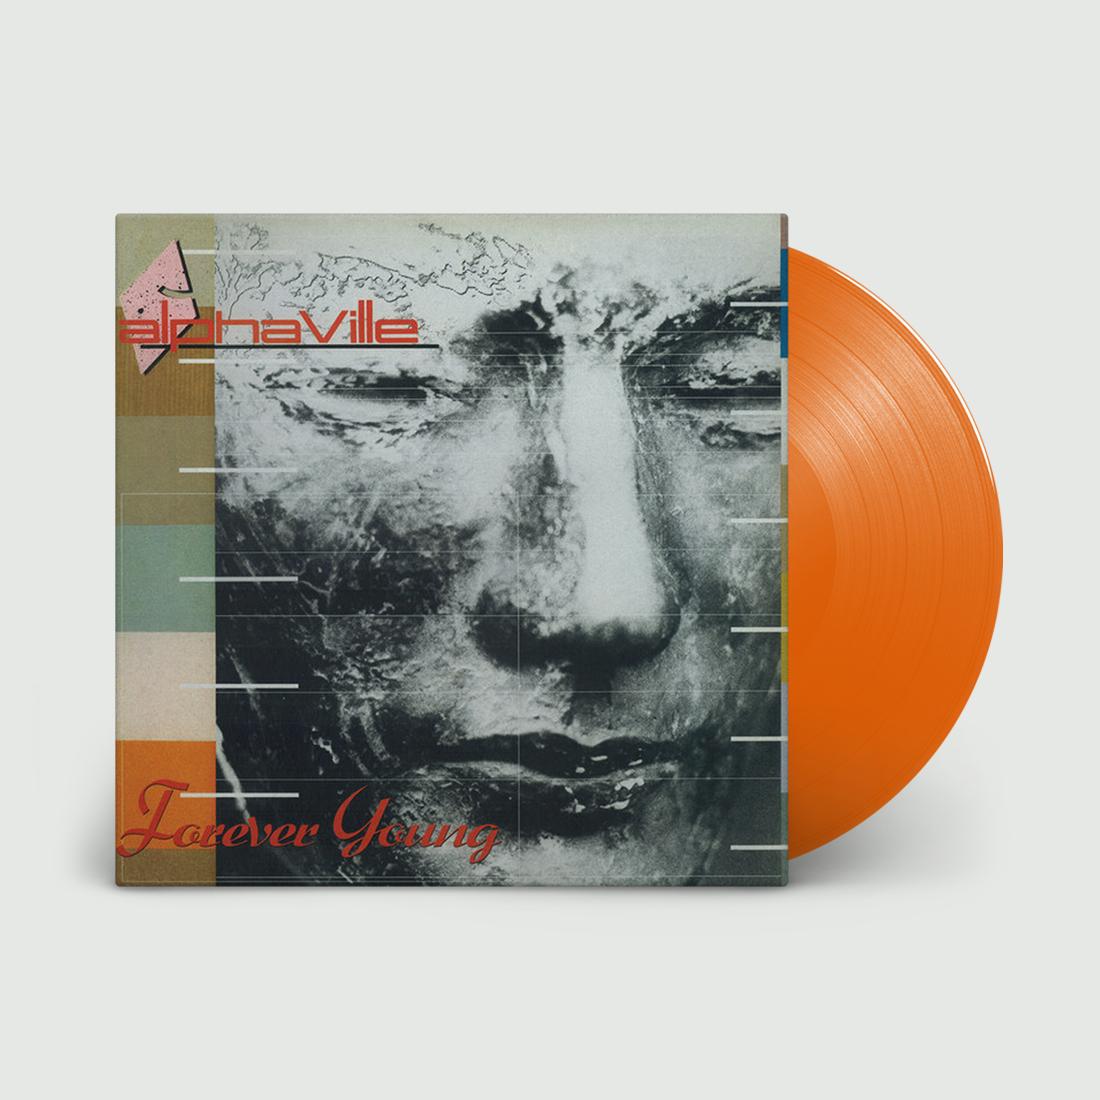 Forever Young (Orange Vinyl) - Alphaville - Musik - WARNER MUSIC - 0190295193546 - 9/10-2020